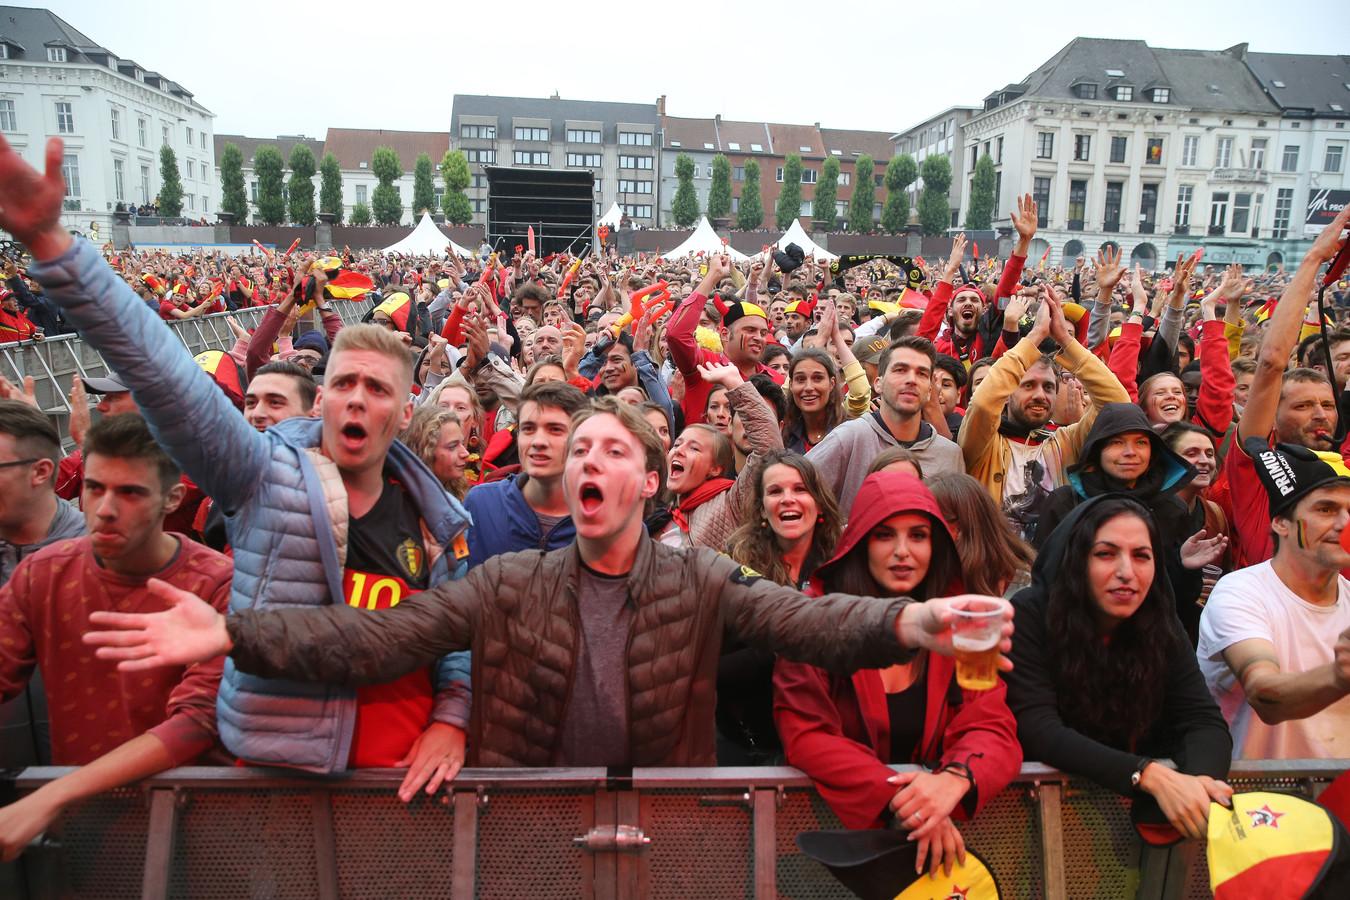 Samengepakt onze Rode Duivels richting de overwinning joelen, zal er waarschijnlijk niet inzitten, maar een groot scherm in de Gentse binnenstad tijdens het EK lijkt voorlopig niet uitgesloten.